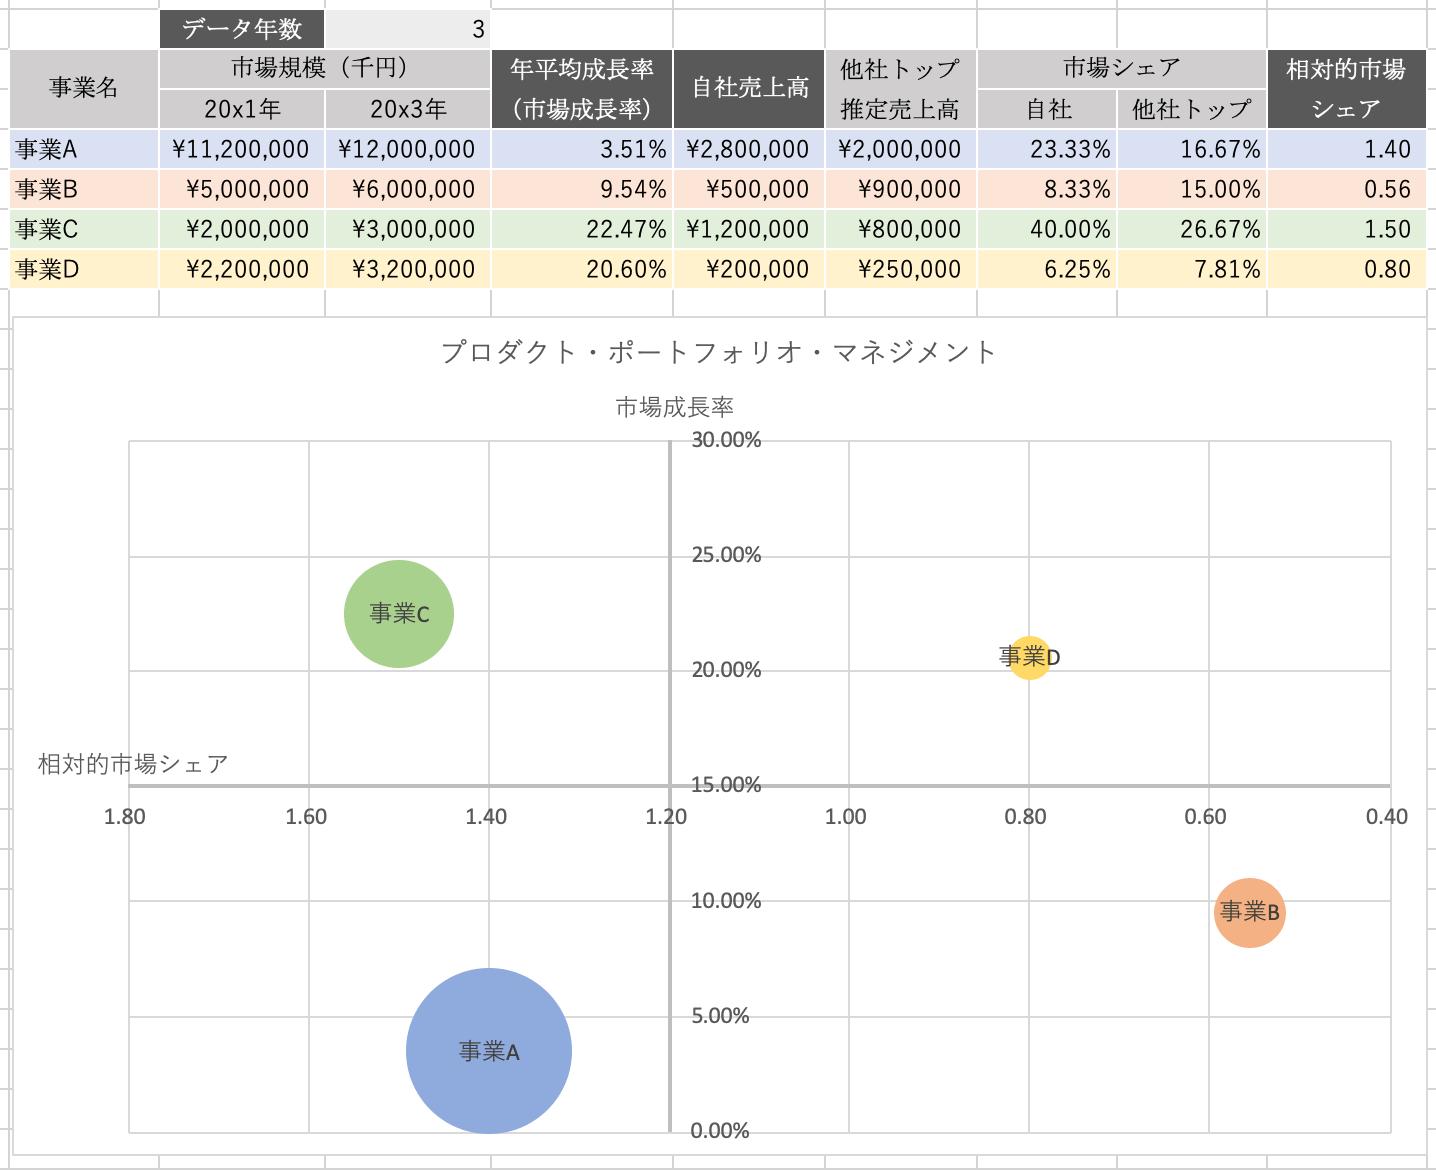 Excelを使ったプロダクト・ポートフォリオ・マネジメント